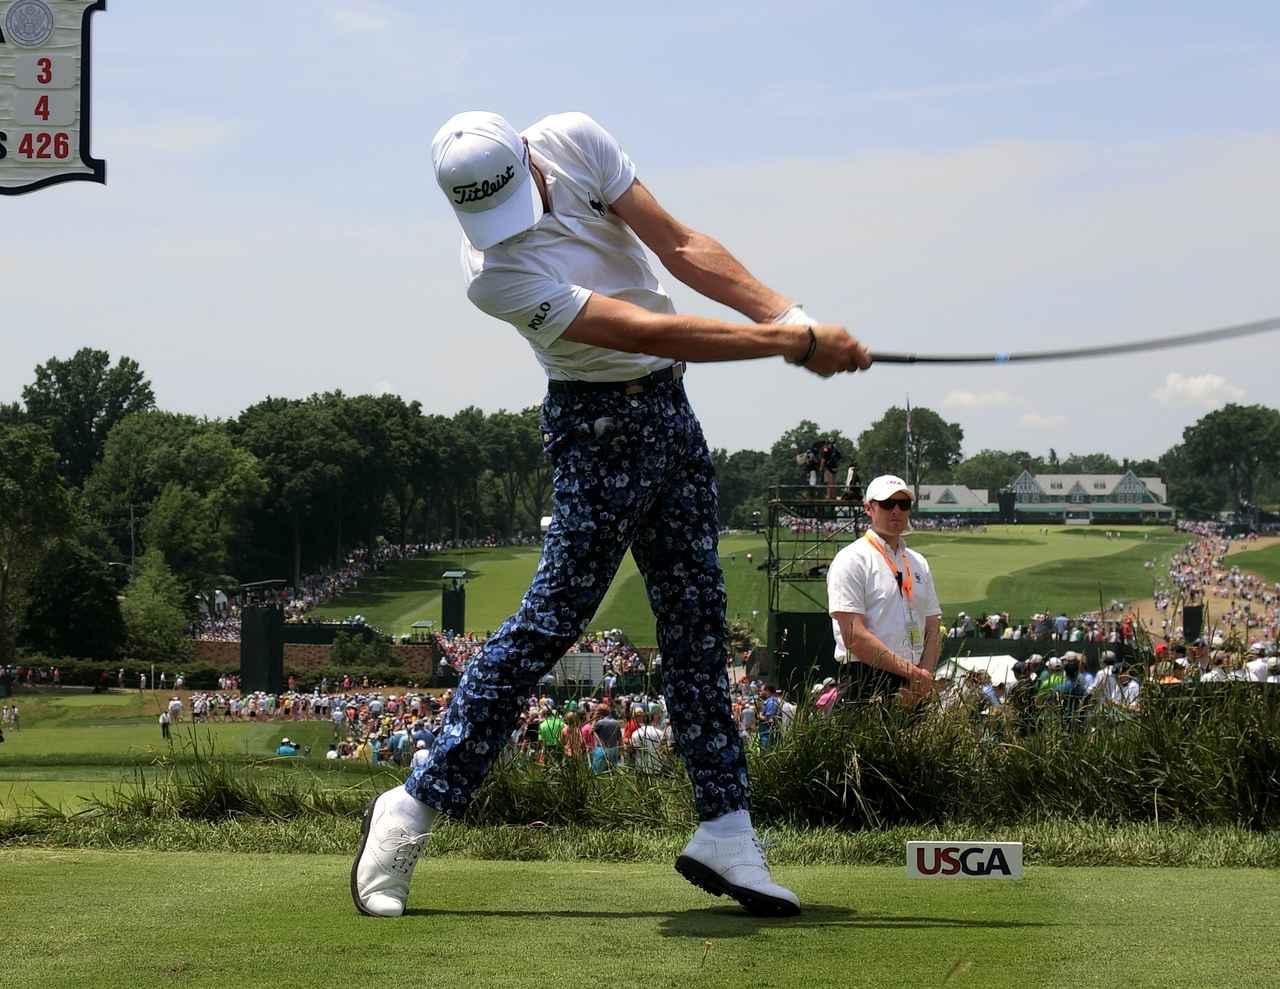 画像: 強すぎっ! ジャスティン・トーマスの飛ばしの秘密「床反力」って、なんだ? - みんなのゴルフダイジェスト